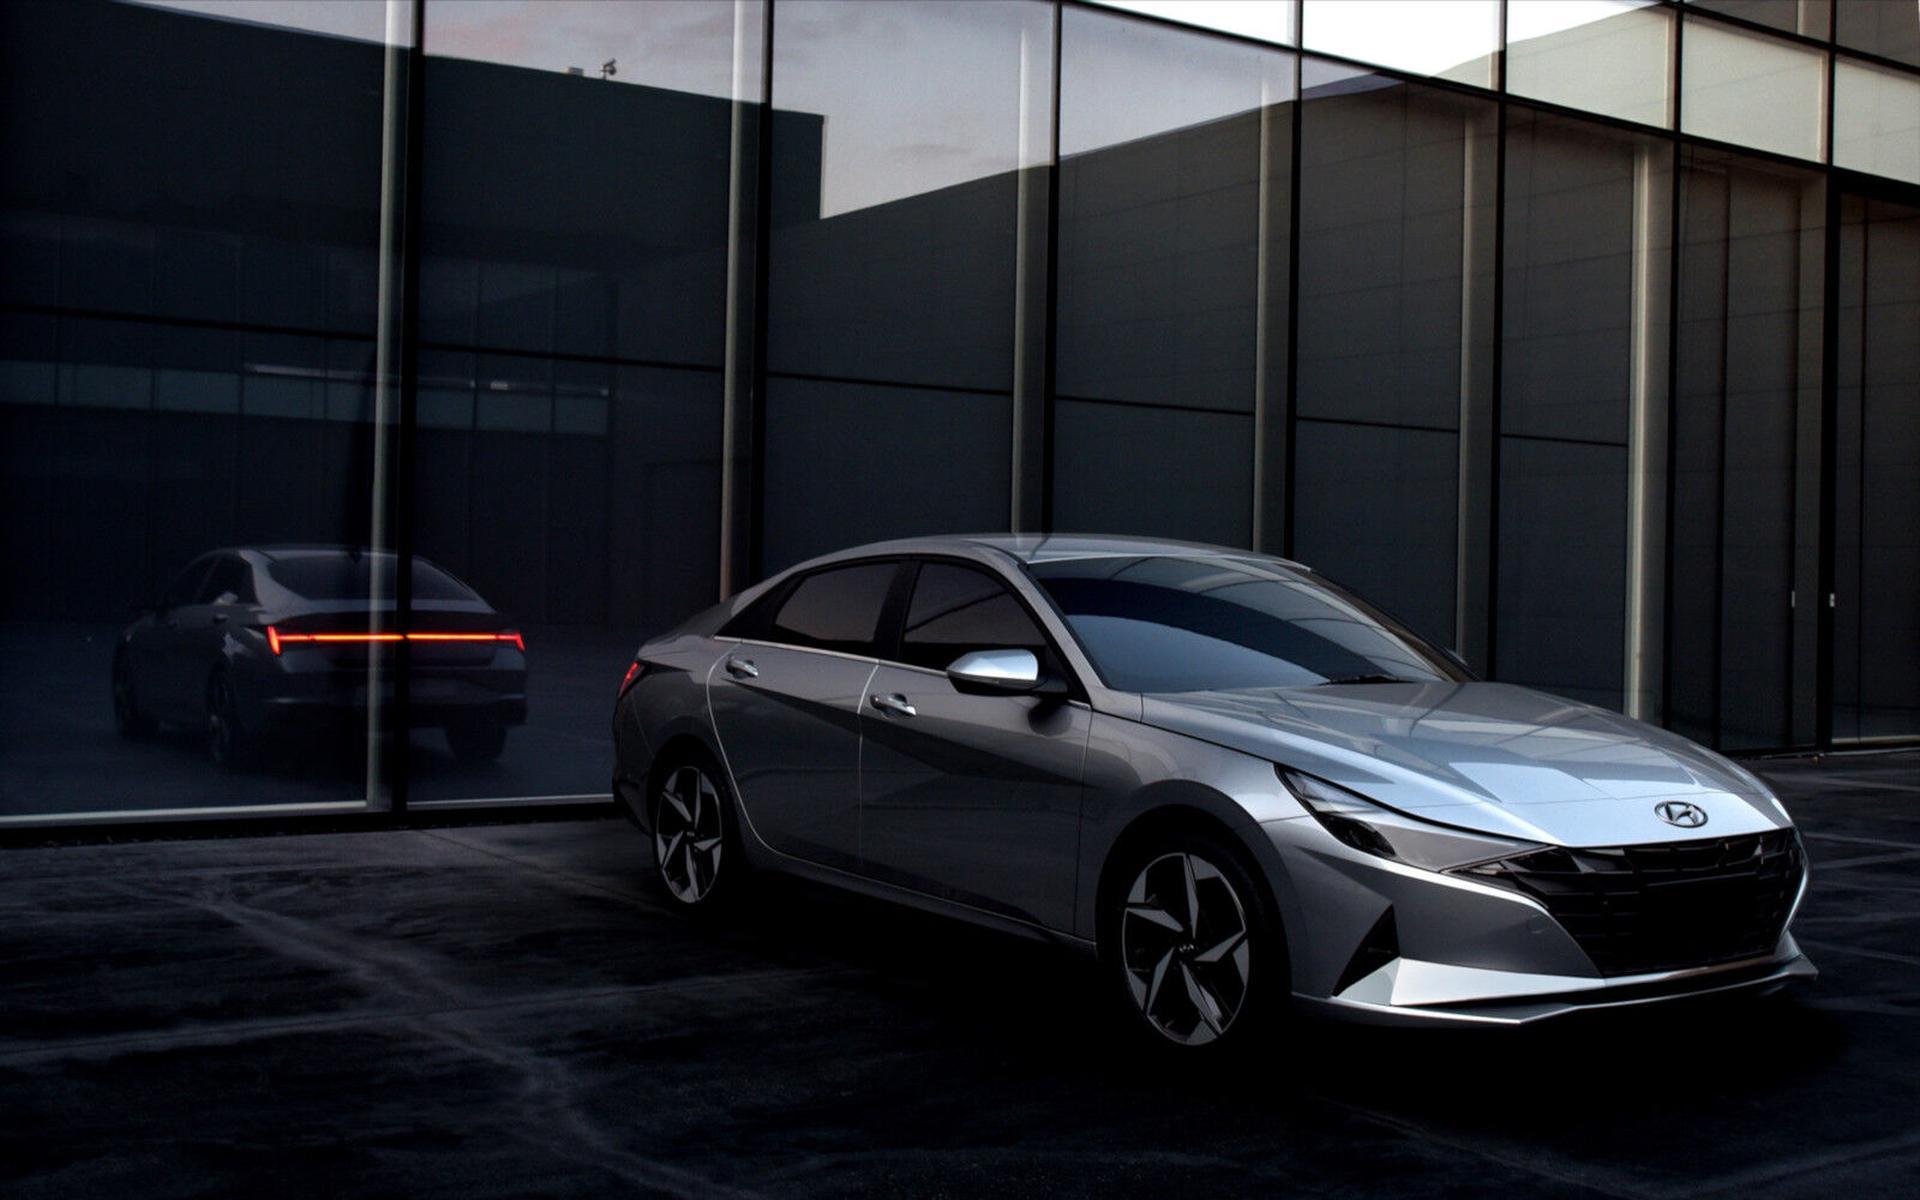 Hyundai distanziert sich von gemeinsamen E-Auto mit Apple